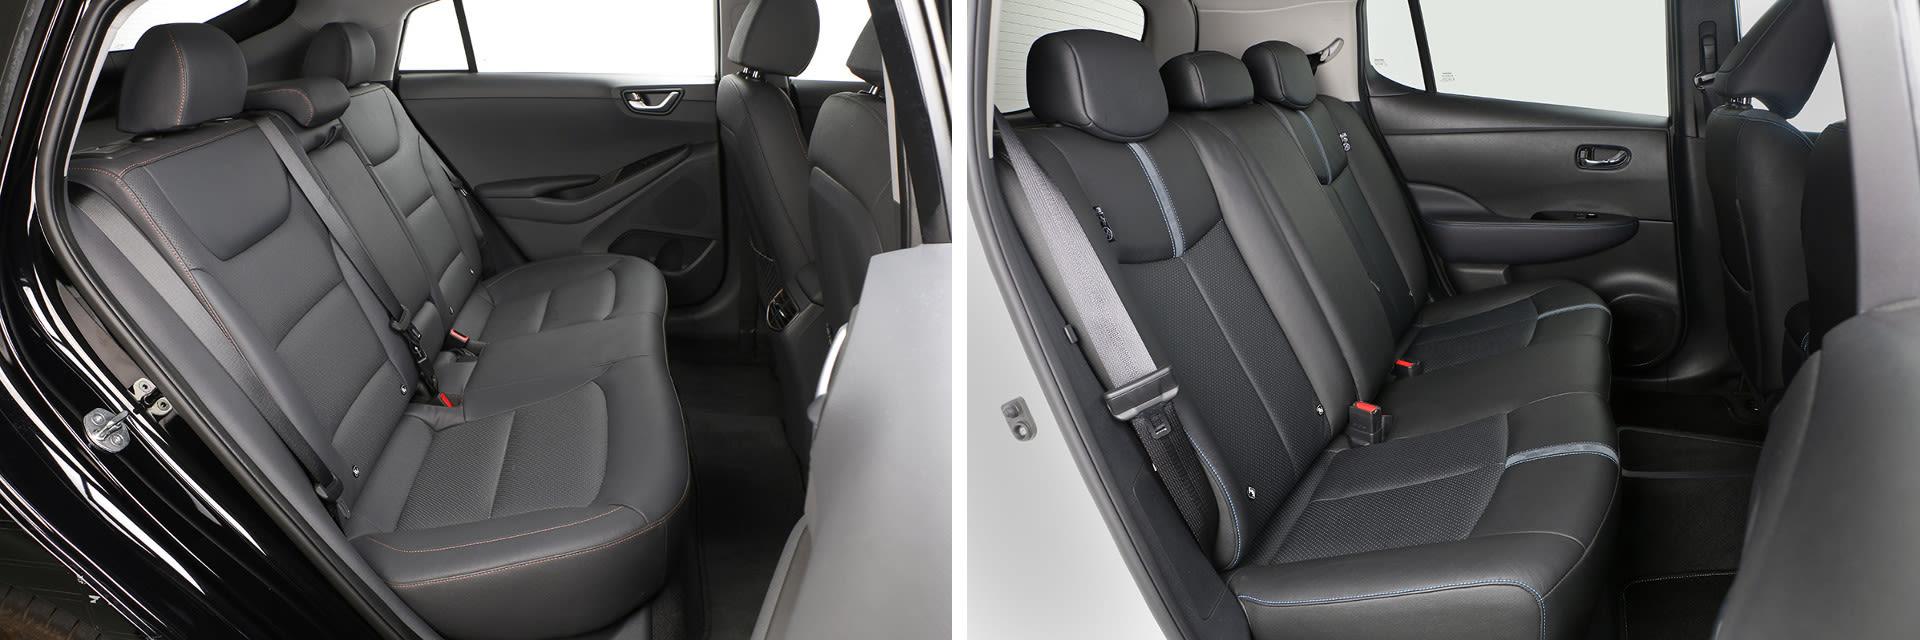 Los asientos traseros del Nissan Leaf (dcha.) vienen de serie con calefacción, un sistema que no está disponible en el Hyundai (izq.)